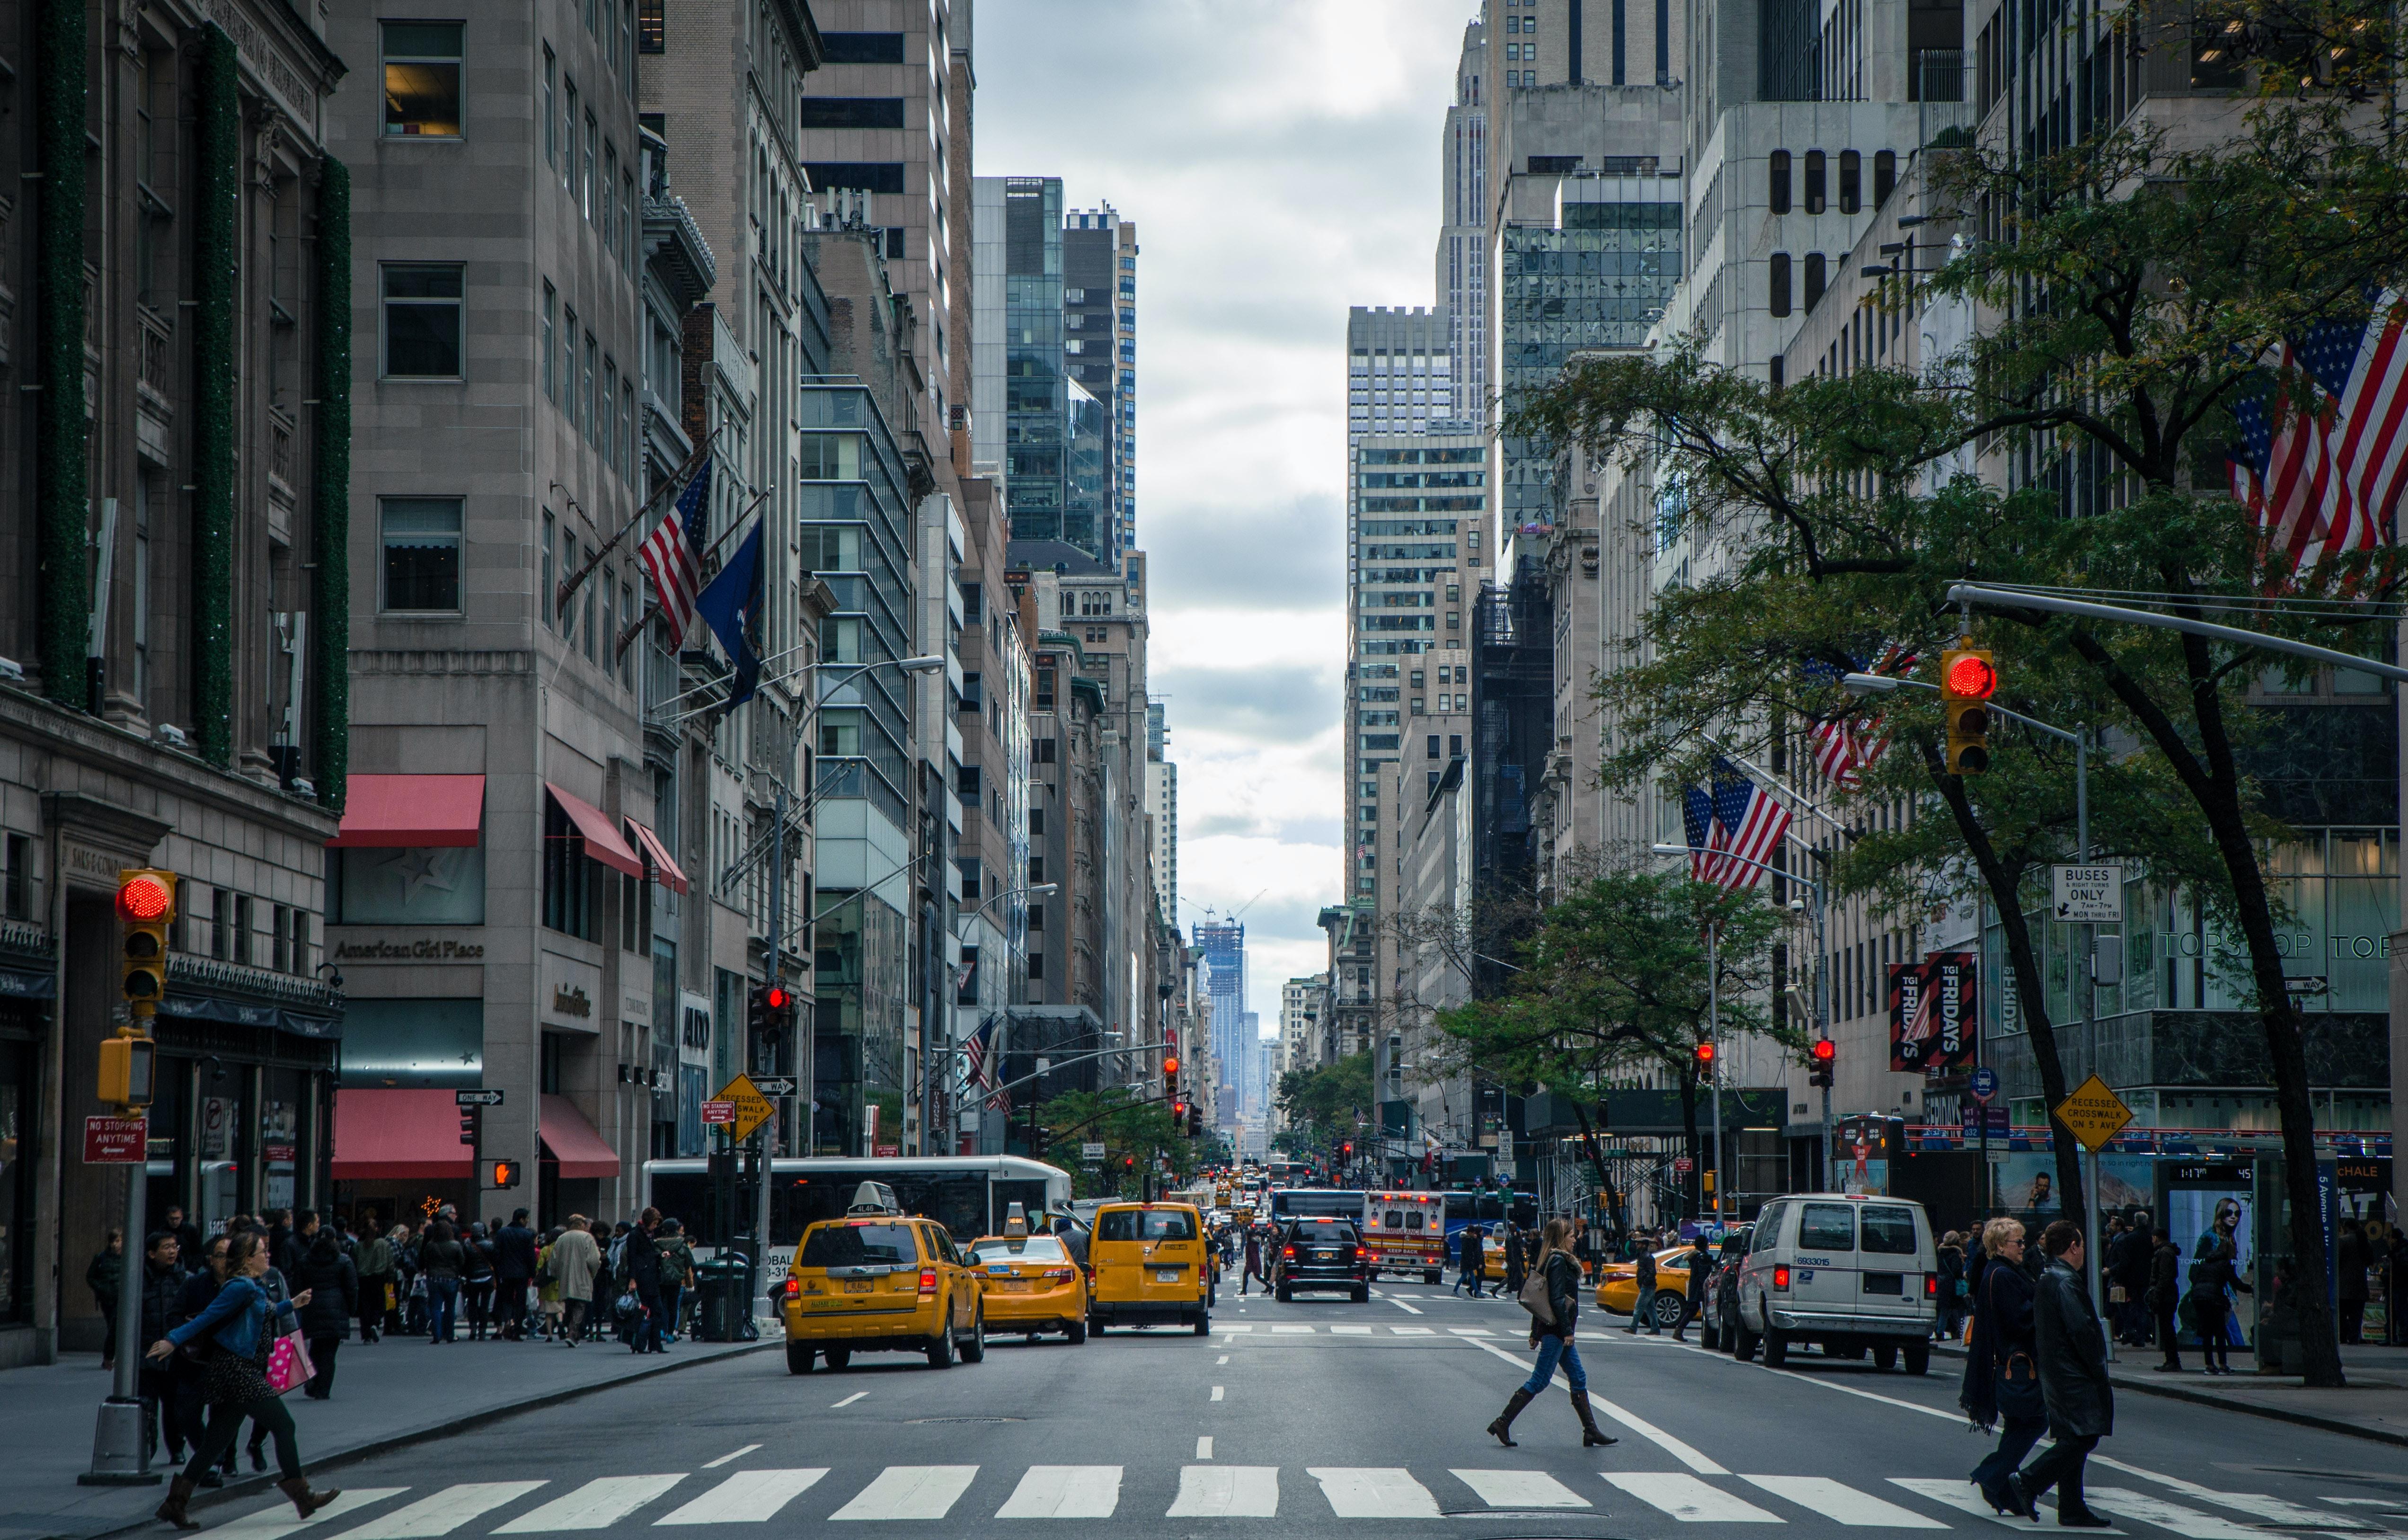 Busy NY street.